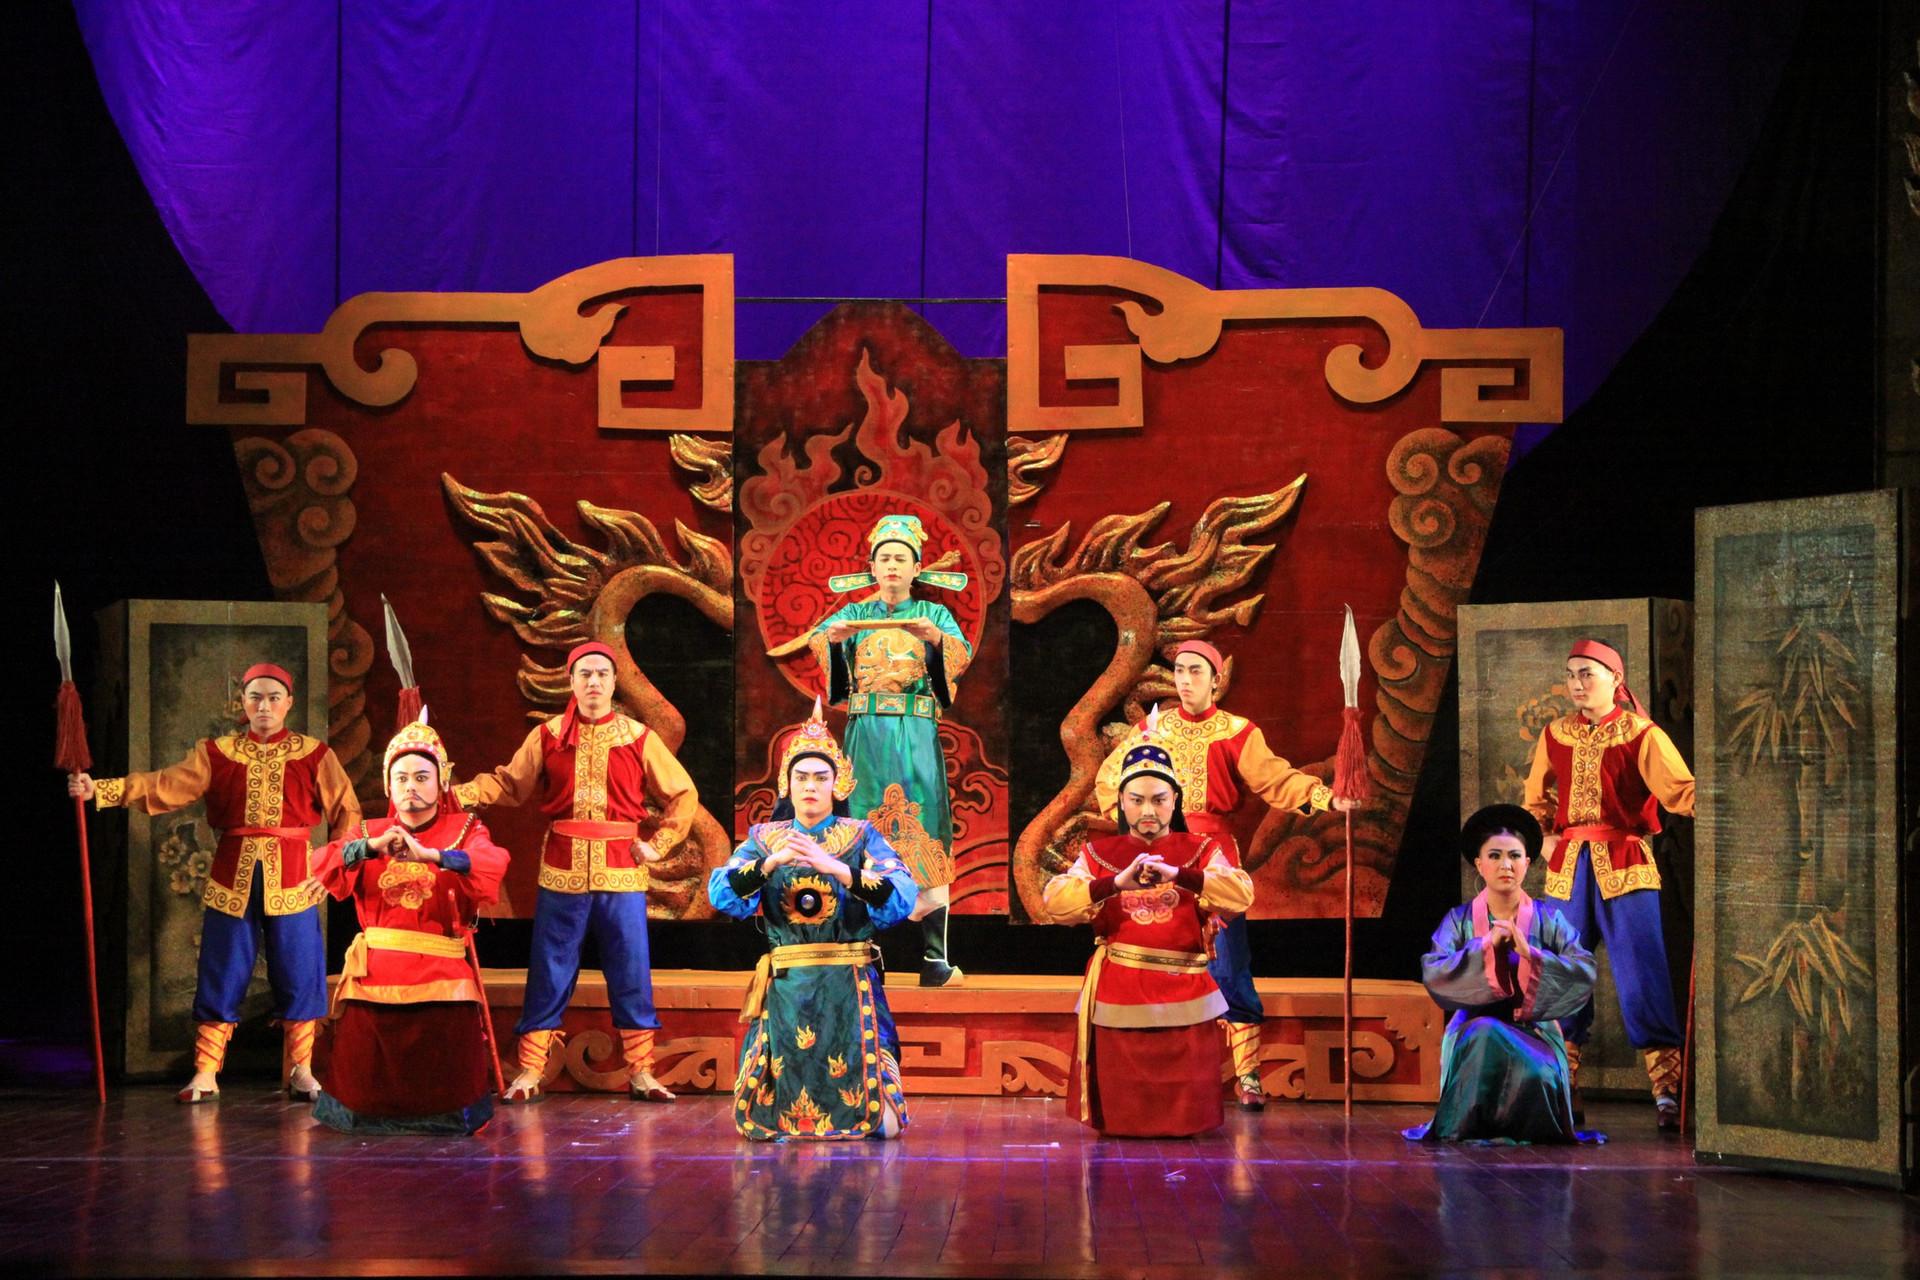 Nhà hát online: Xu thế phát triển tất yếu của nghệ thuật biểu diễn - 2